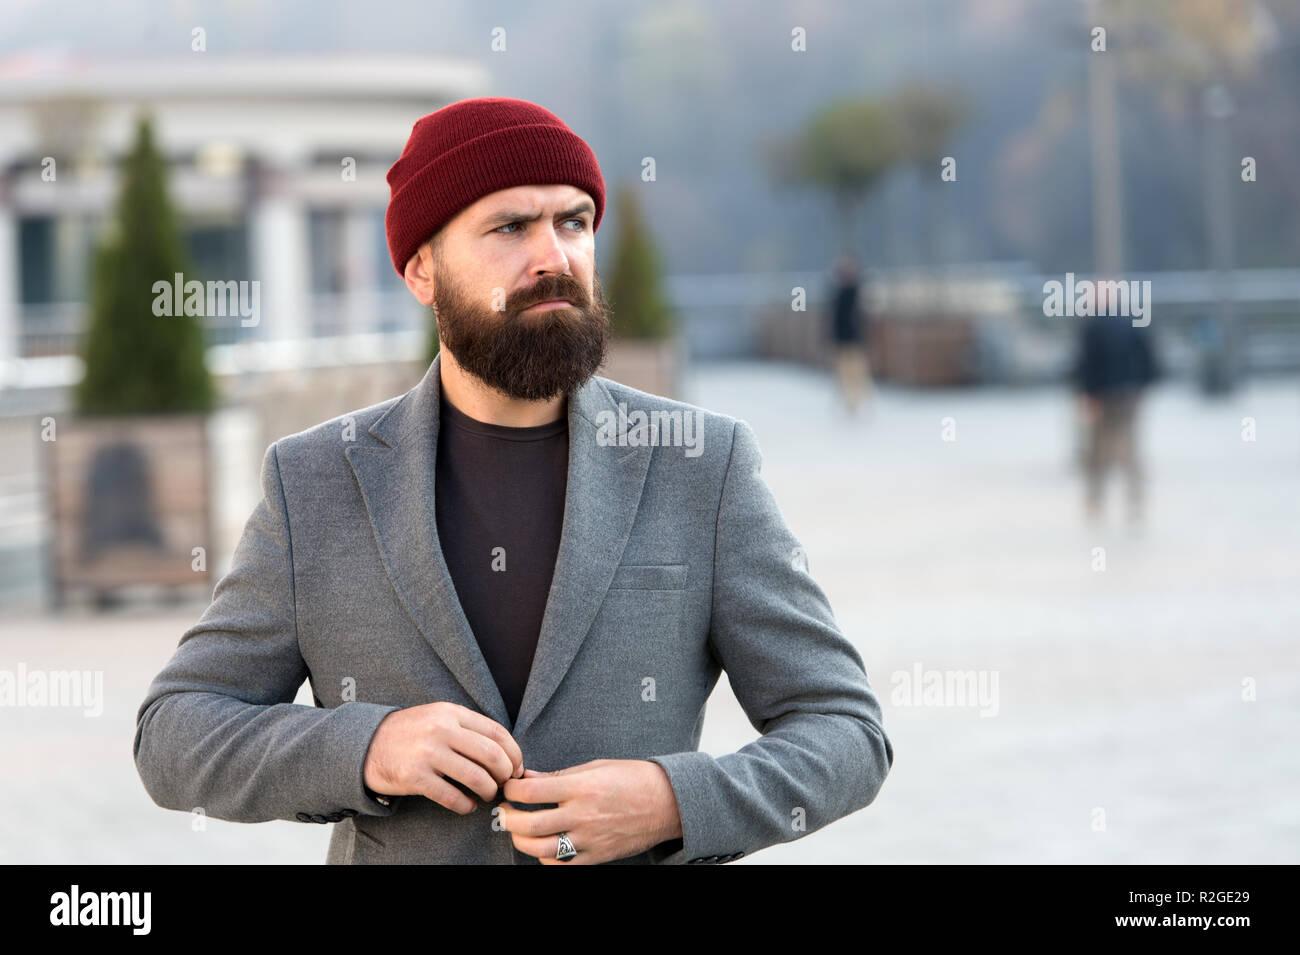 Conjunto hat accesorio hipster traje elegante ropa casual para jpg 1300x955 Elegante  ropa hombre hipster 870af17106a